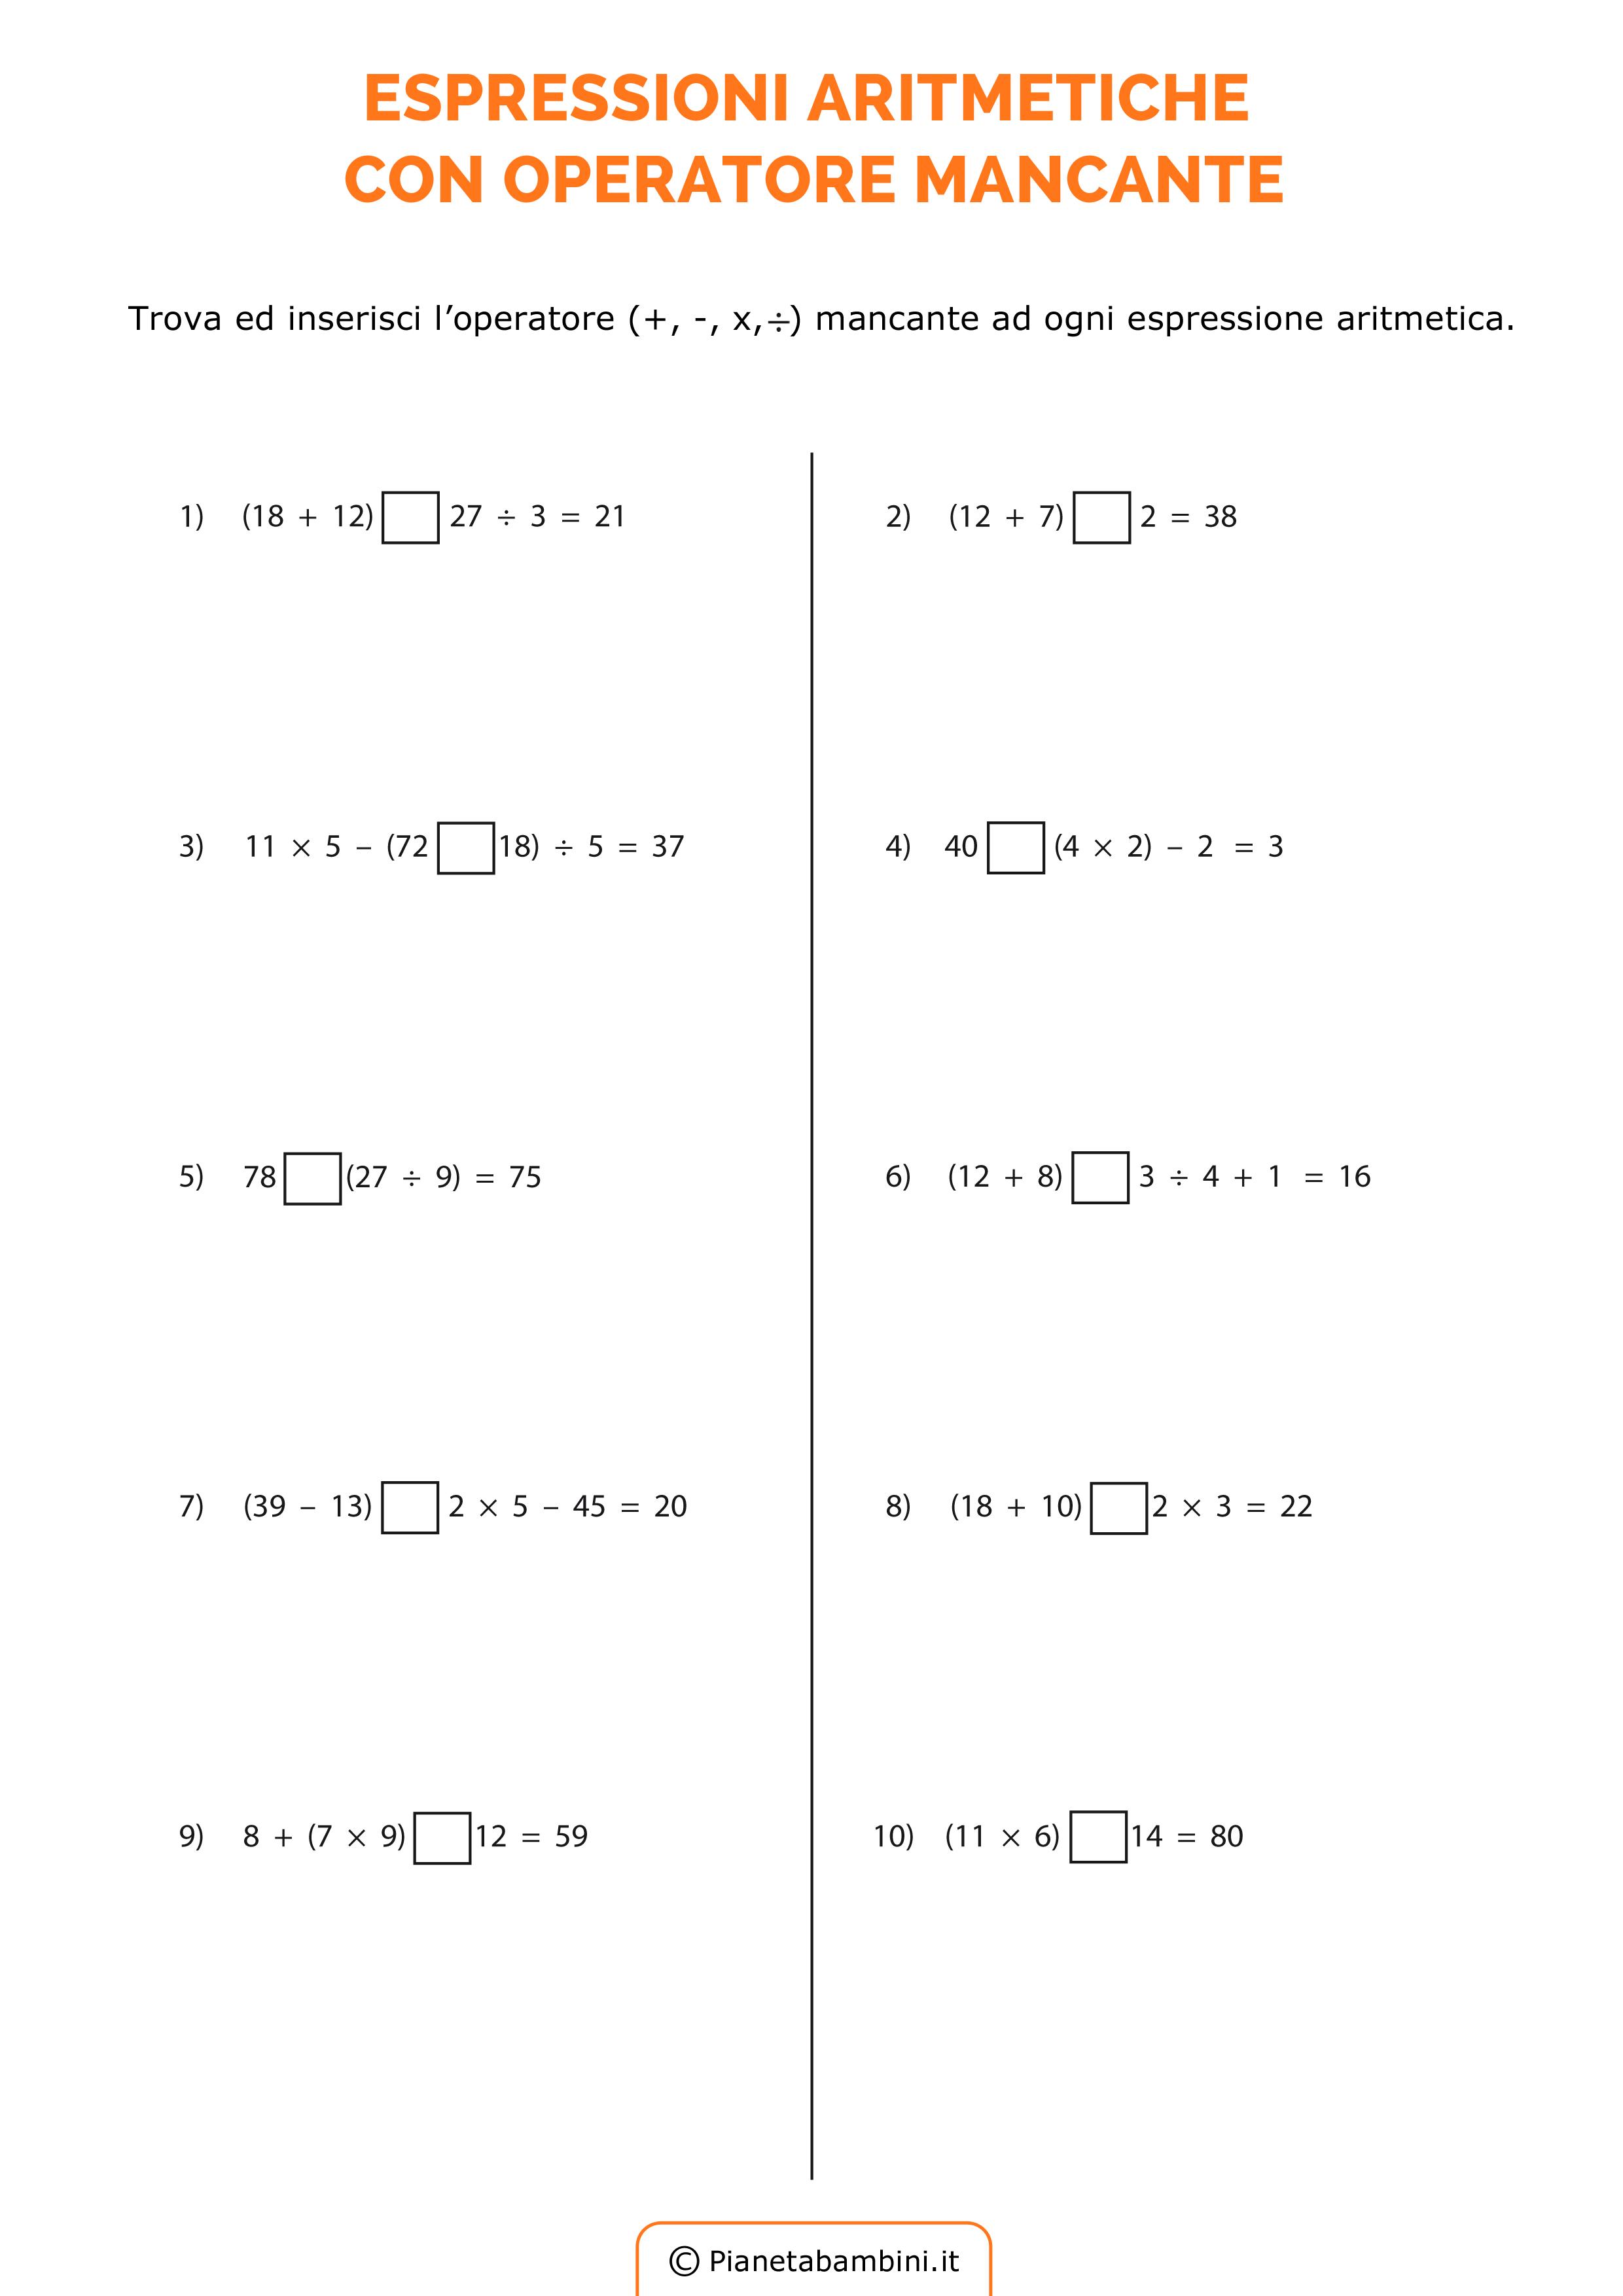 Esercizi-Espressioni-Operatore-Mancante_5